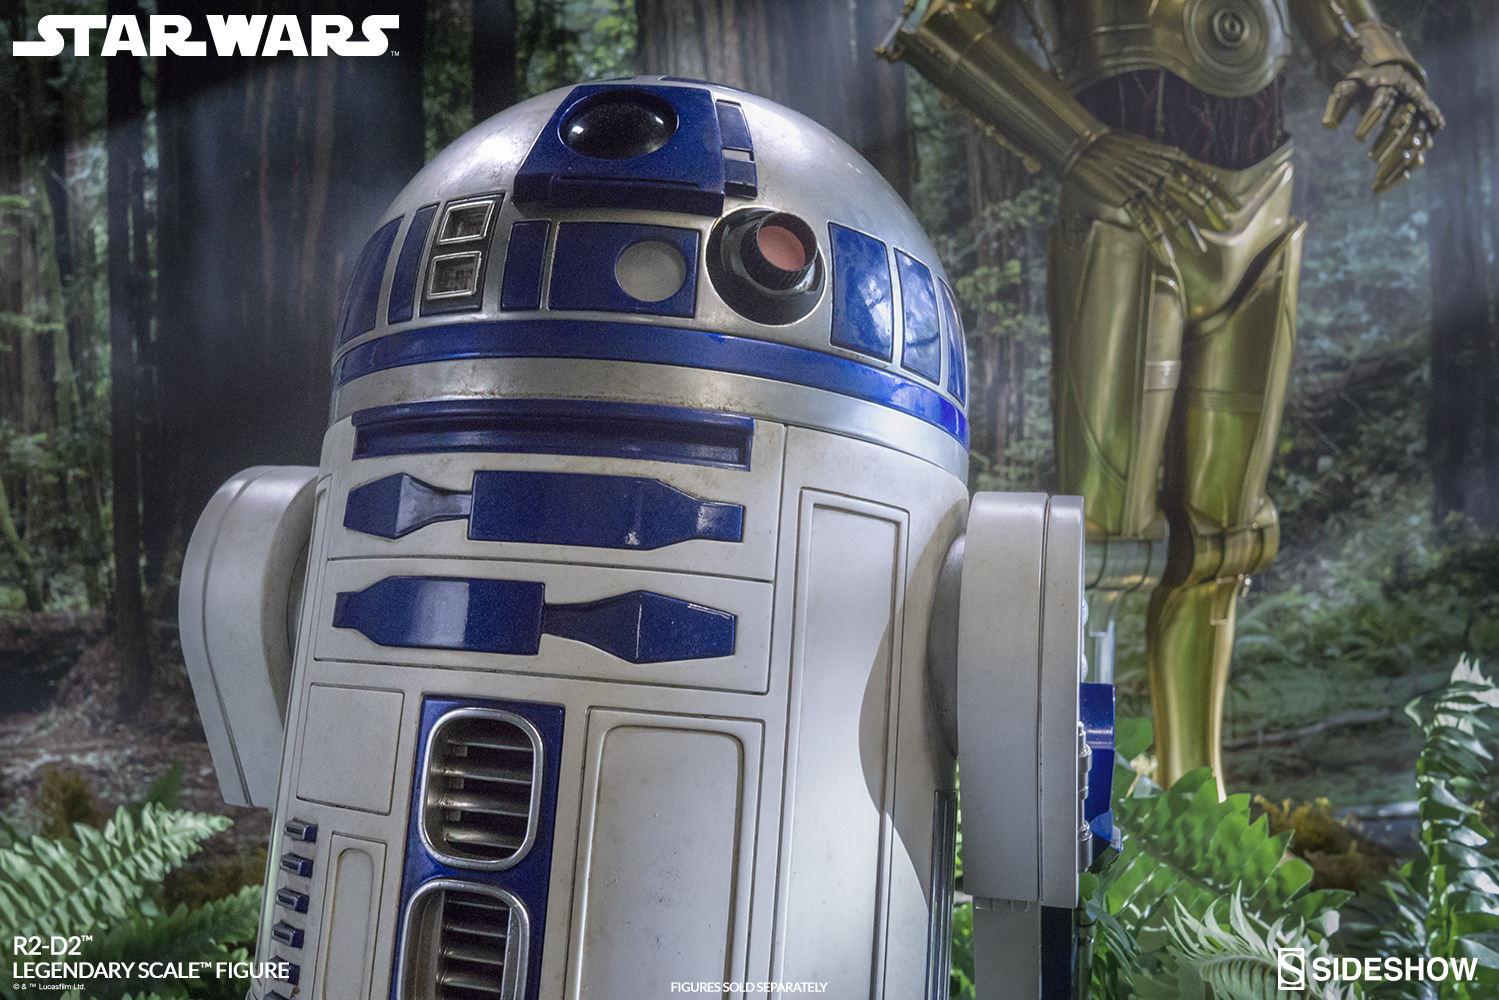 STAR WARS: R2-D2 Legendary scale figure Star-wars-r2-d2-legendary-scale-400155-17